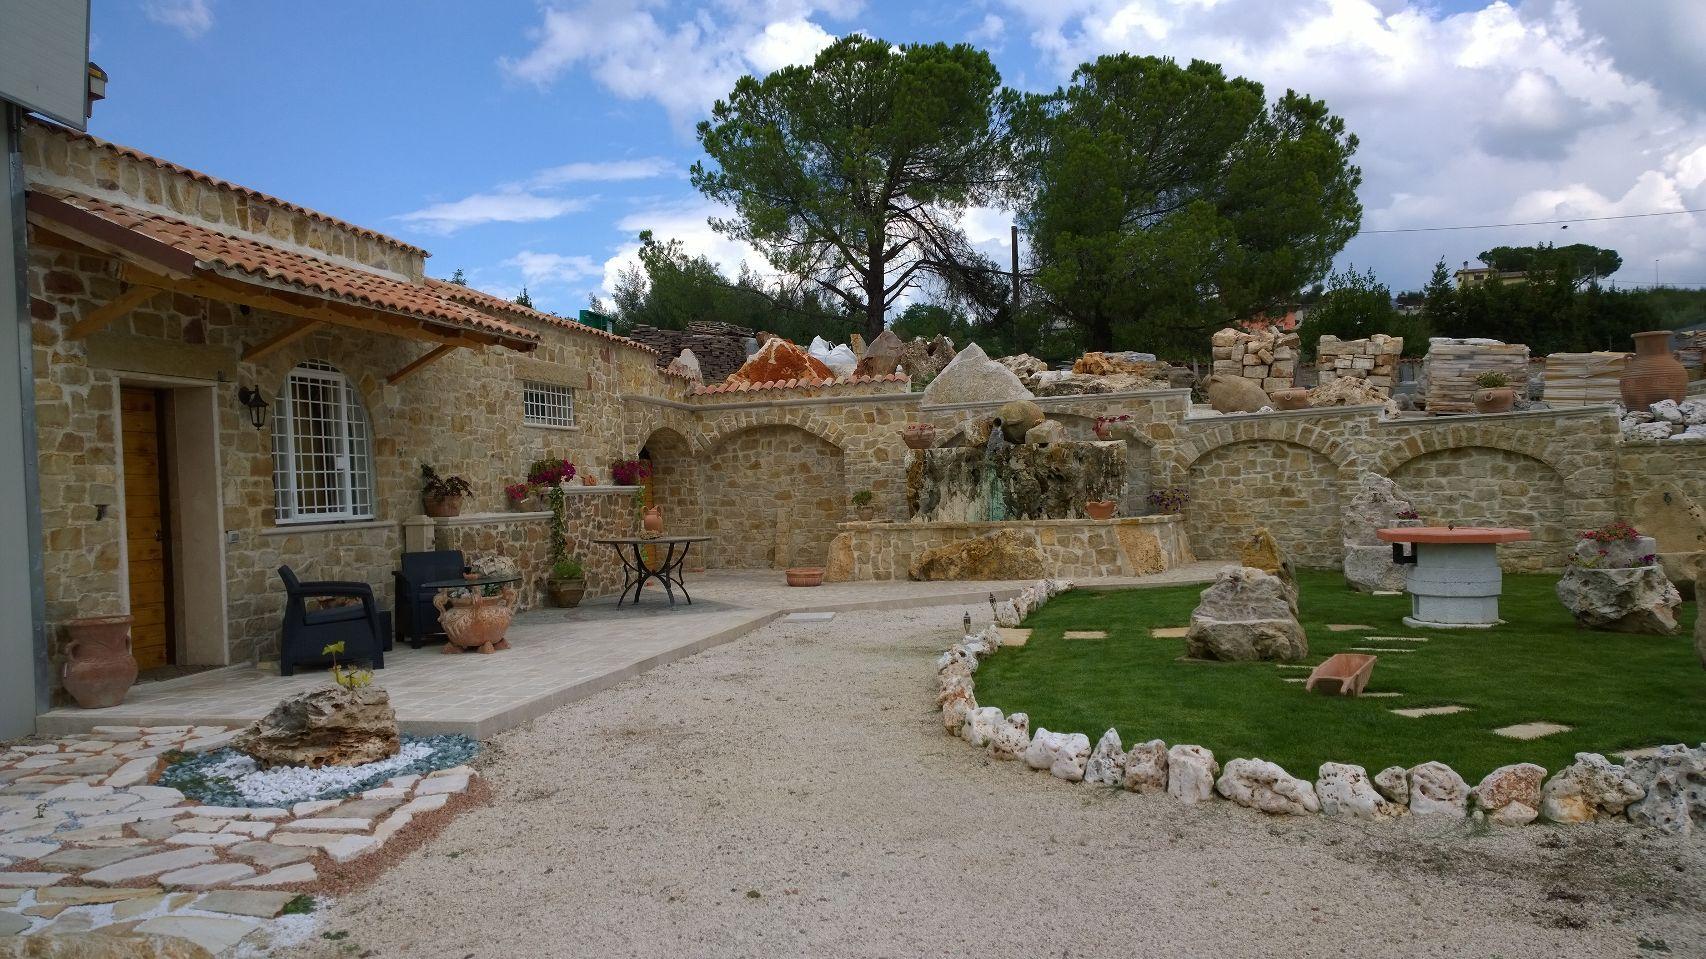 Nostra esposizione di rivestimento in pietra umbra e fontane in pietra per arredo giardino - Fontane da giardino in pietra ...